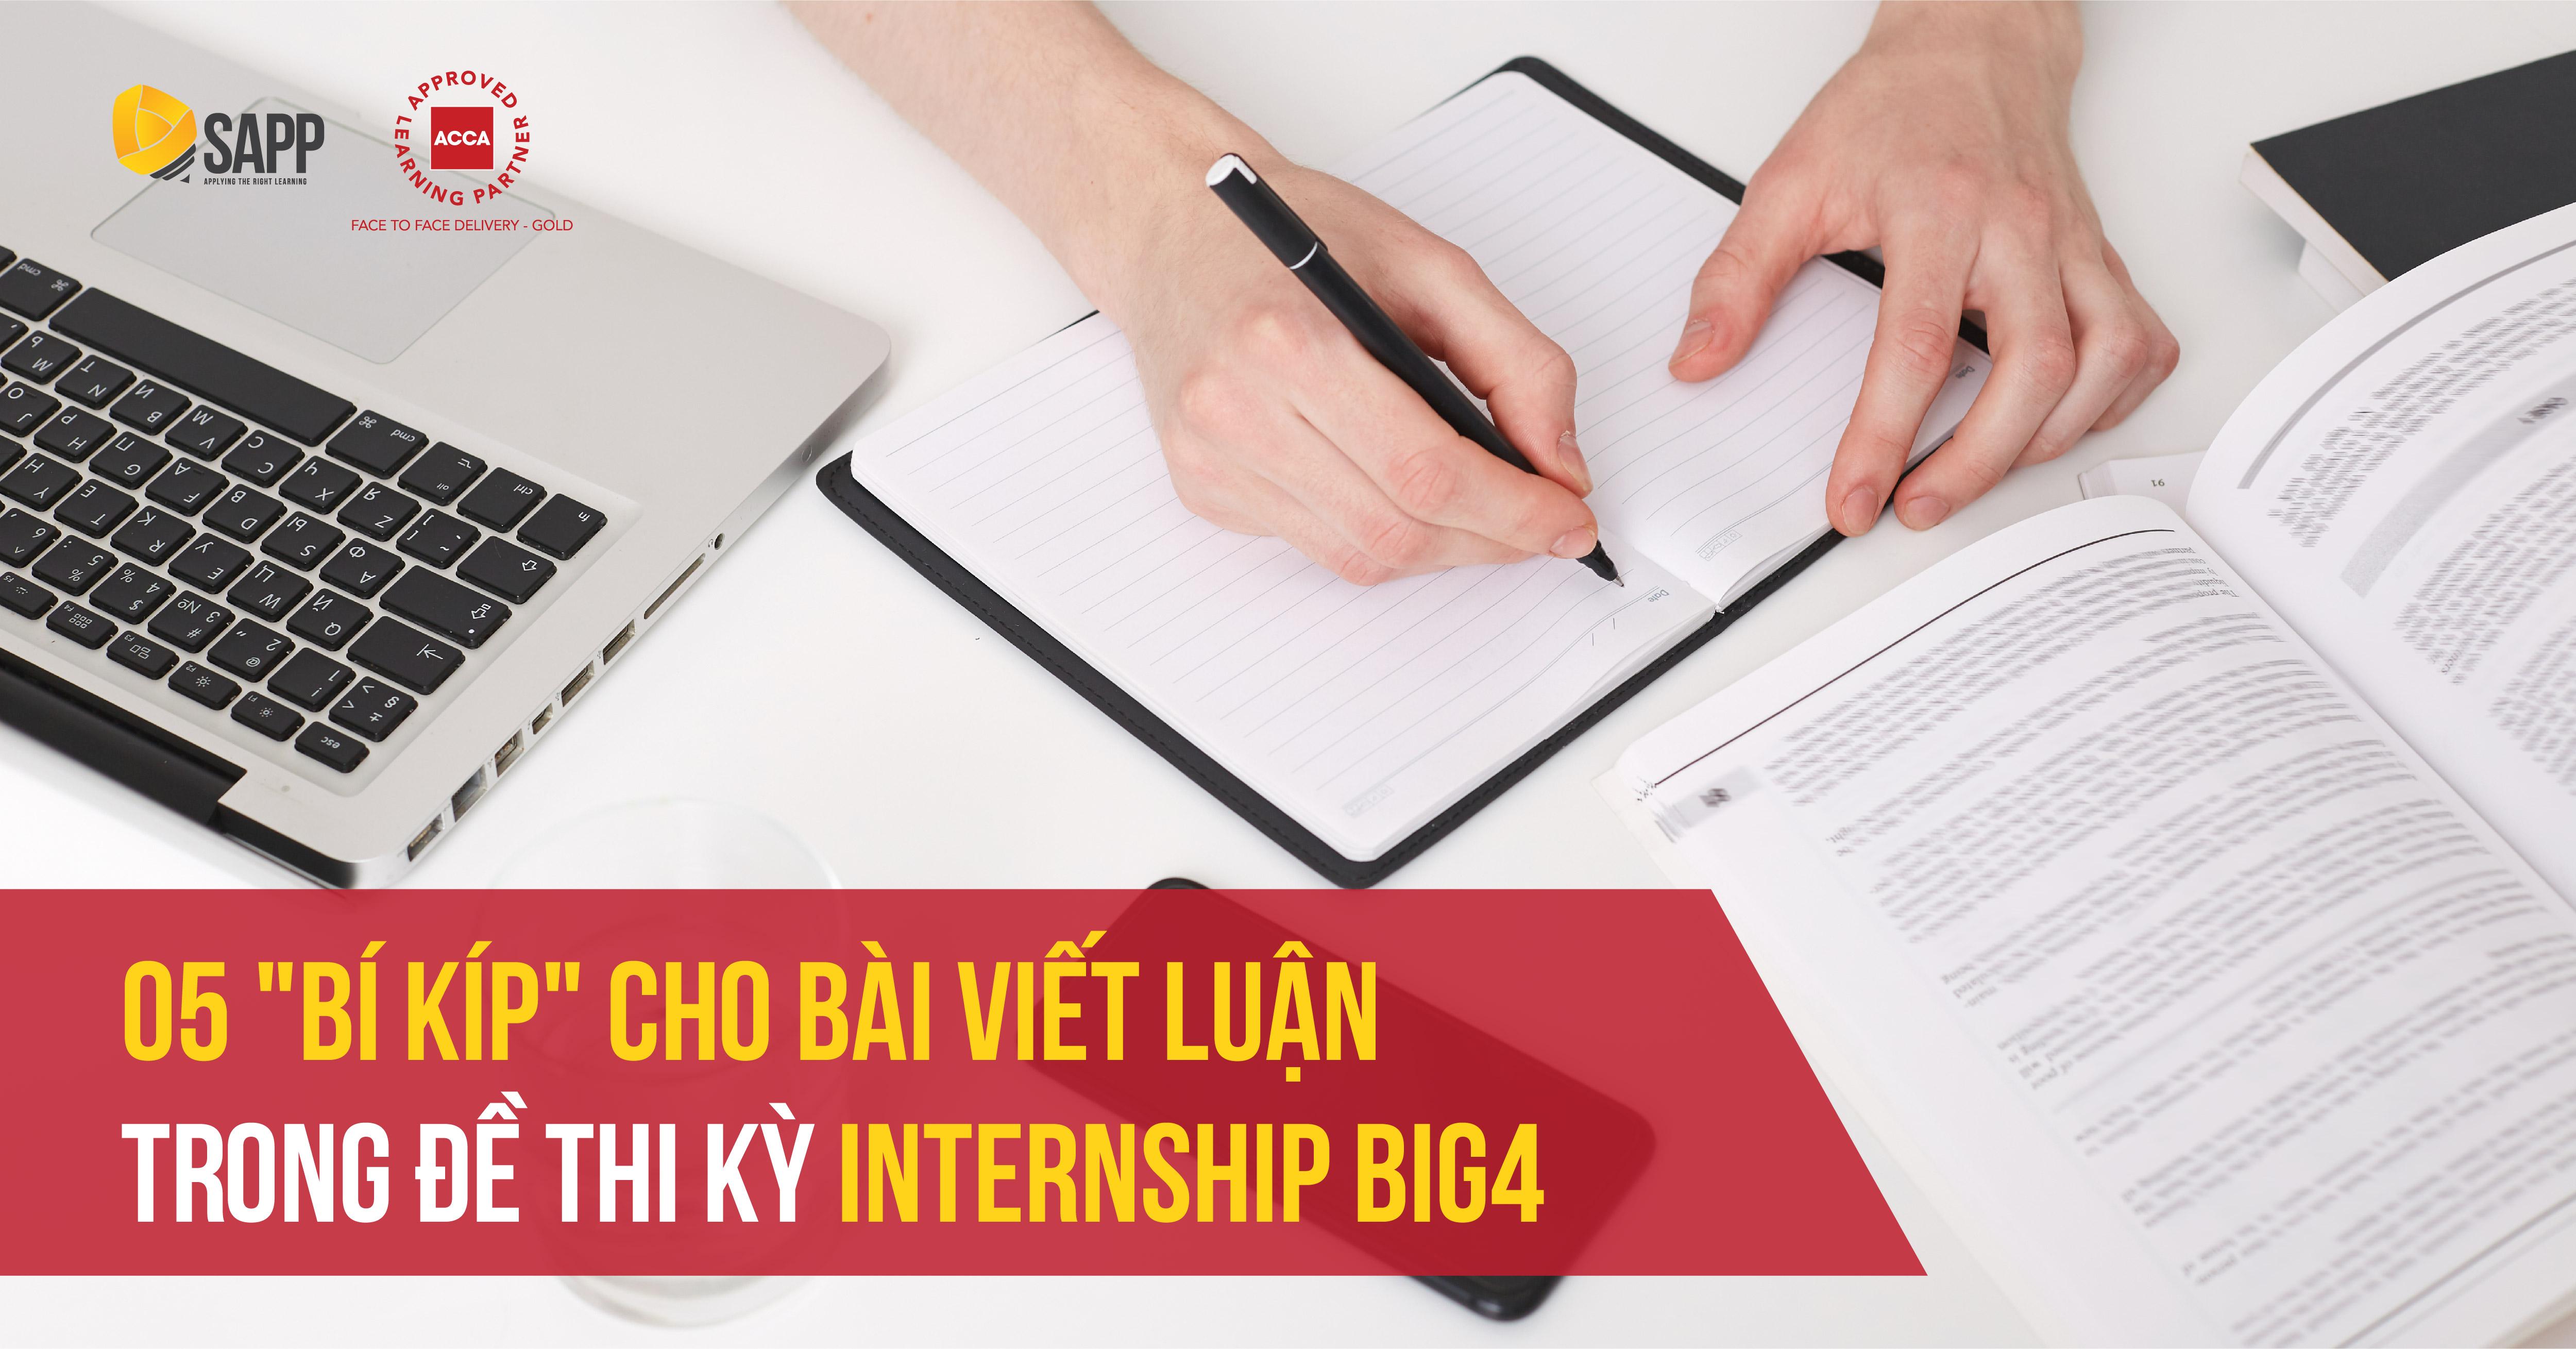 Bí kíp cho bài viết luận kỳ Internship BIG4